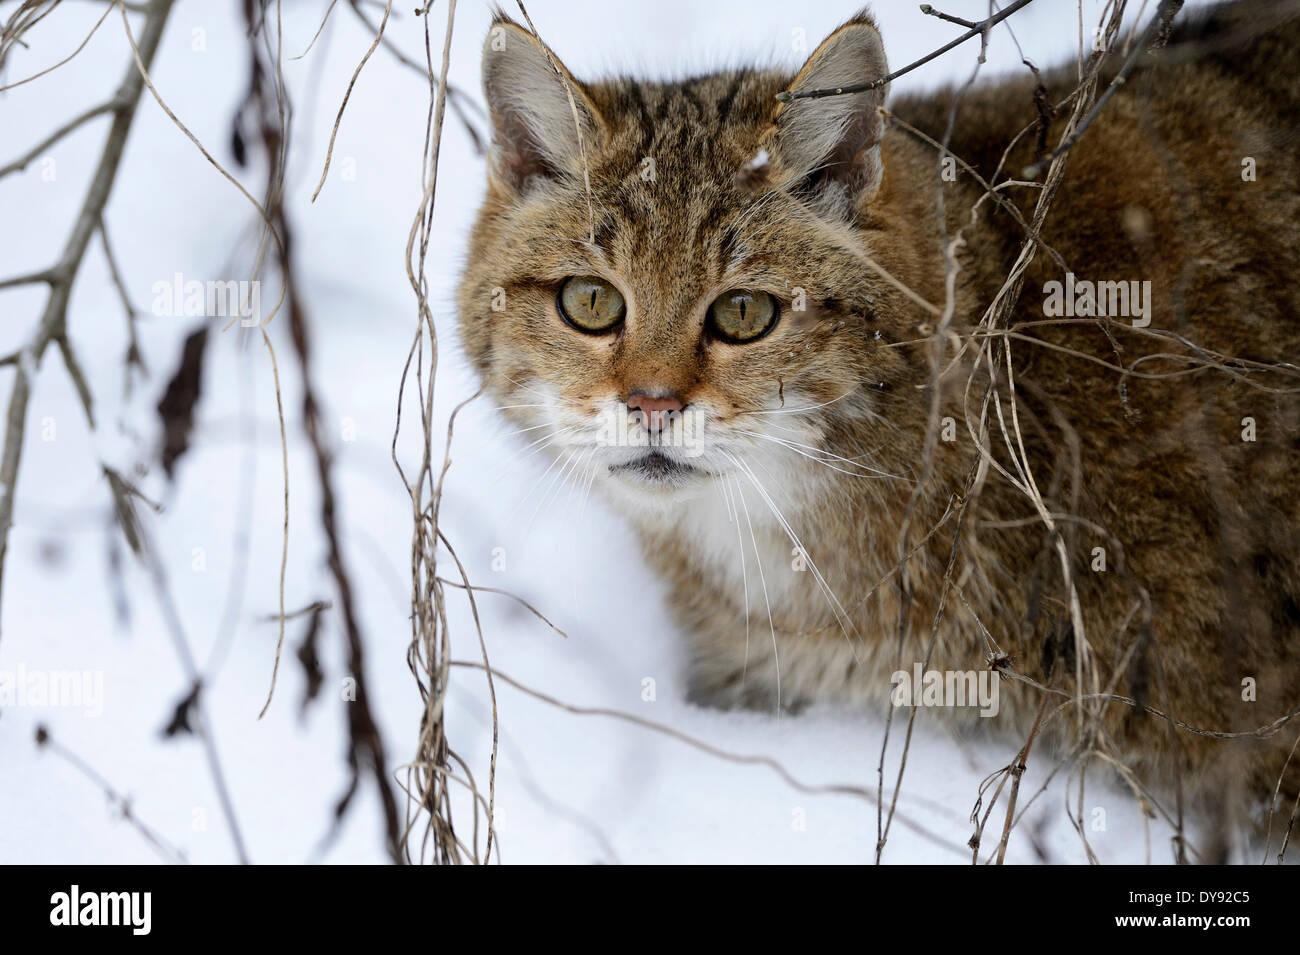 El Wildcat predator juego depredador depredadores pequeños gatos gatos gatos gatos salvajes Felis silvestris wildcats nieve invierno animal animales, Imagen De Stock